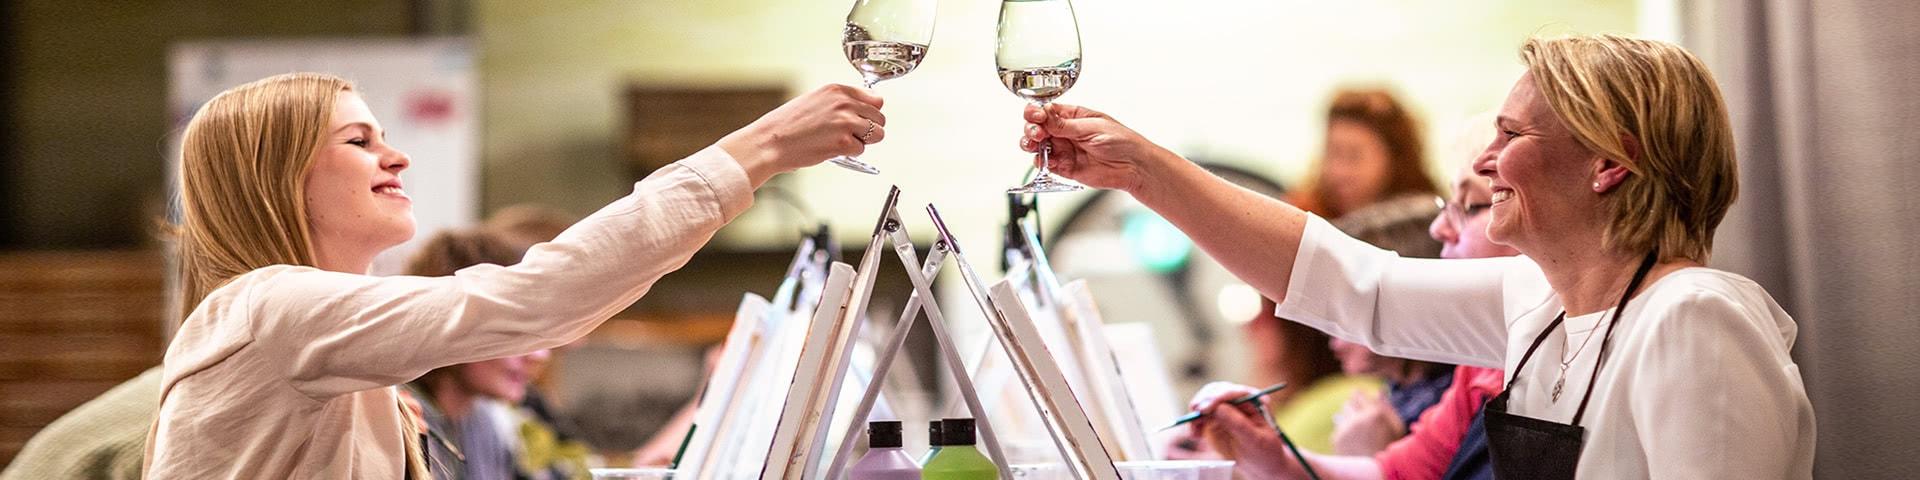 Zwei Frauen prosten sich mit einem Glas Wein zu bei einer Artnight in Bremen